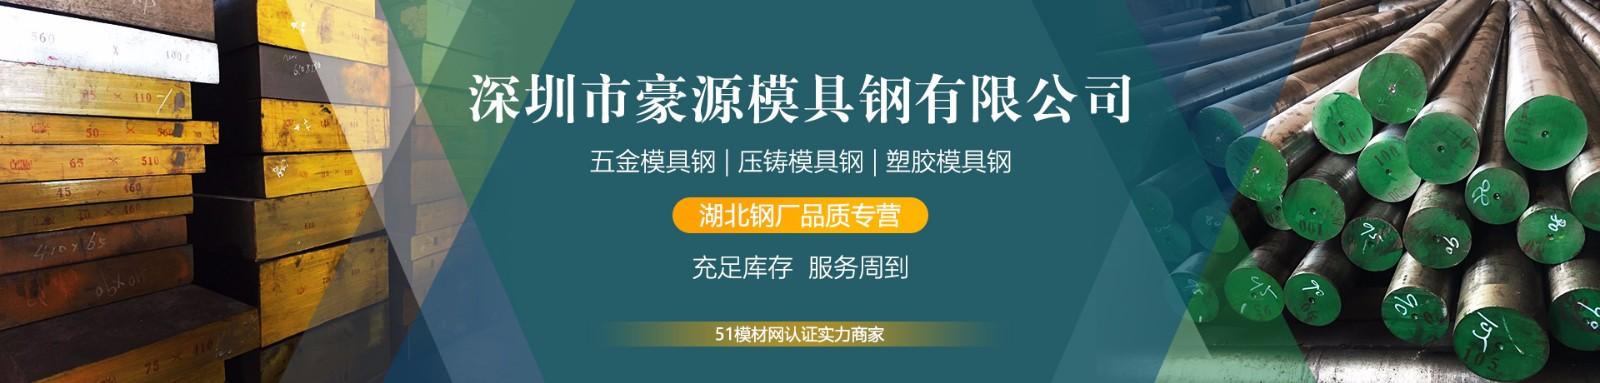 深圳市豪源模具钢有限公司